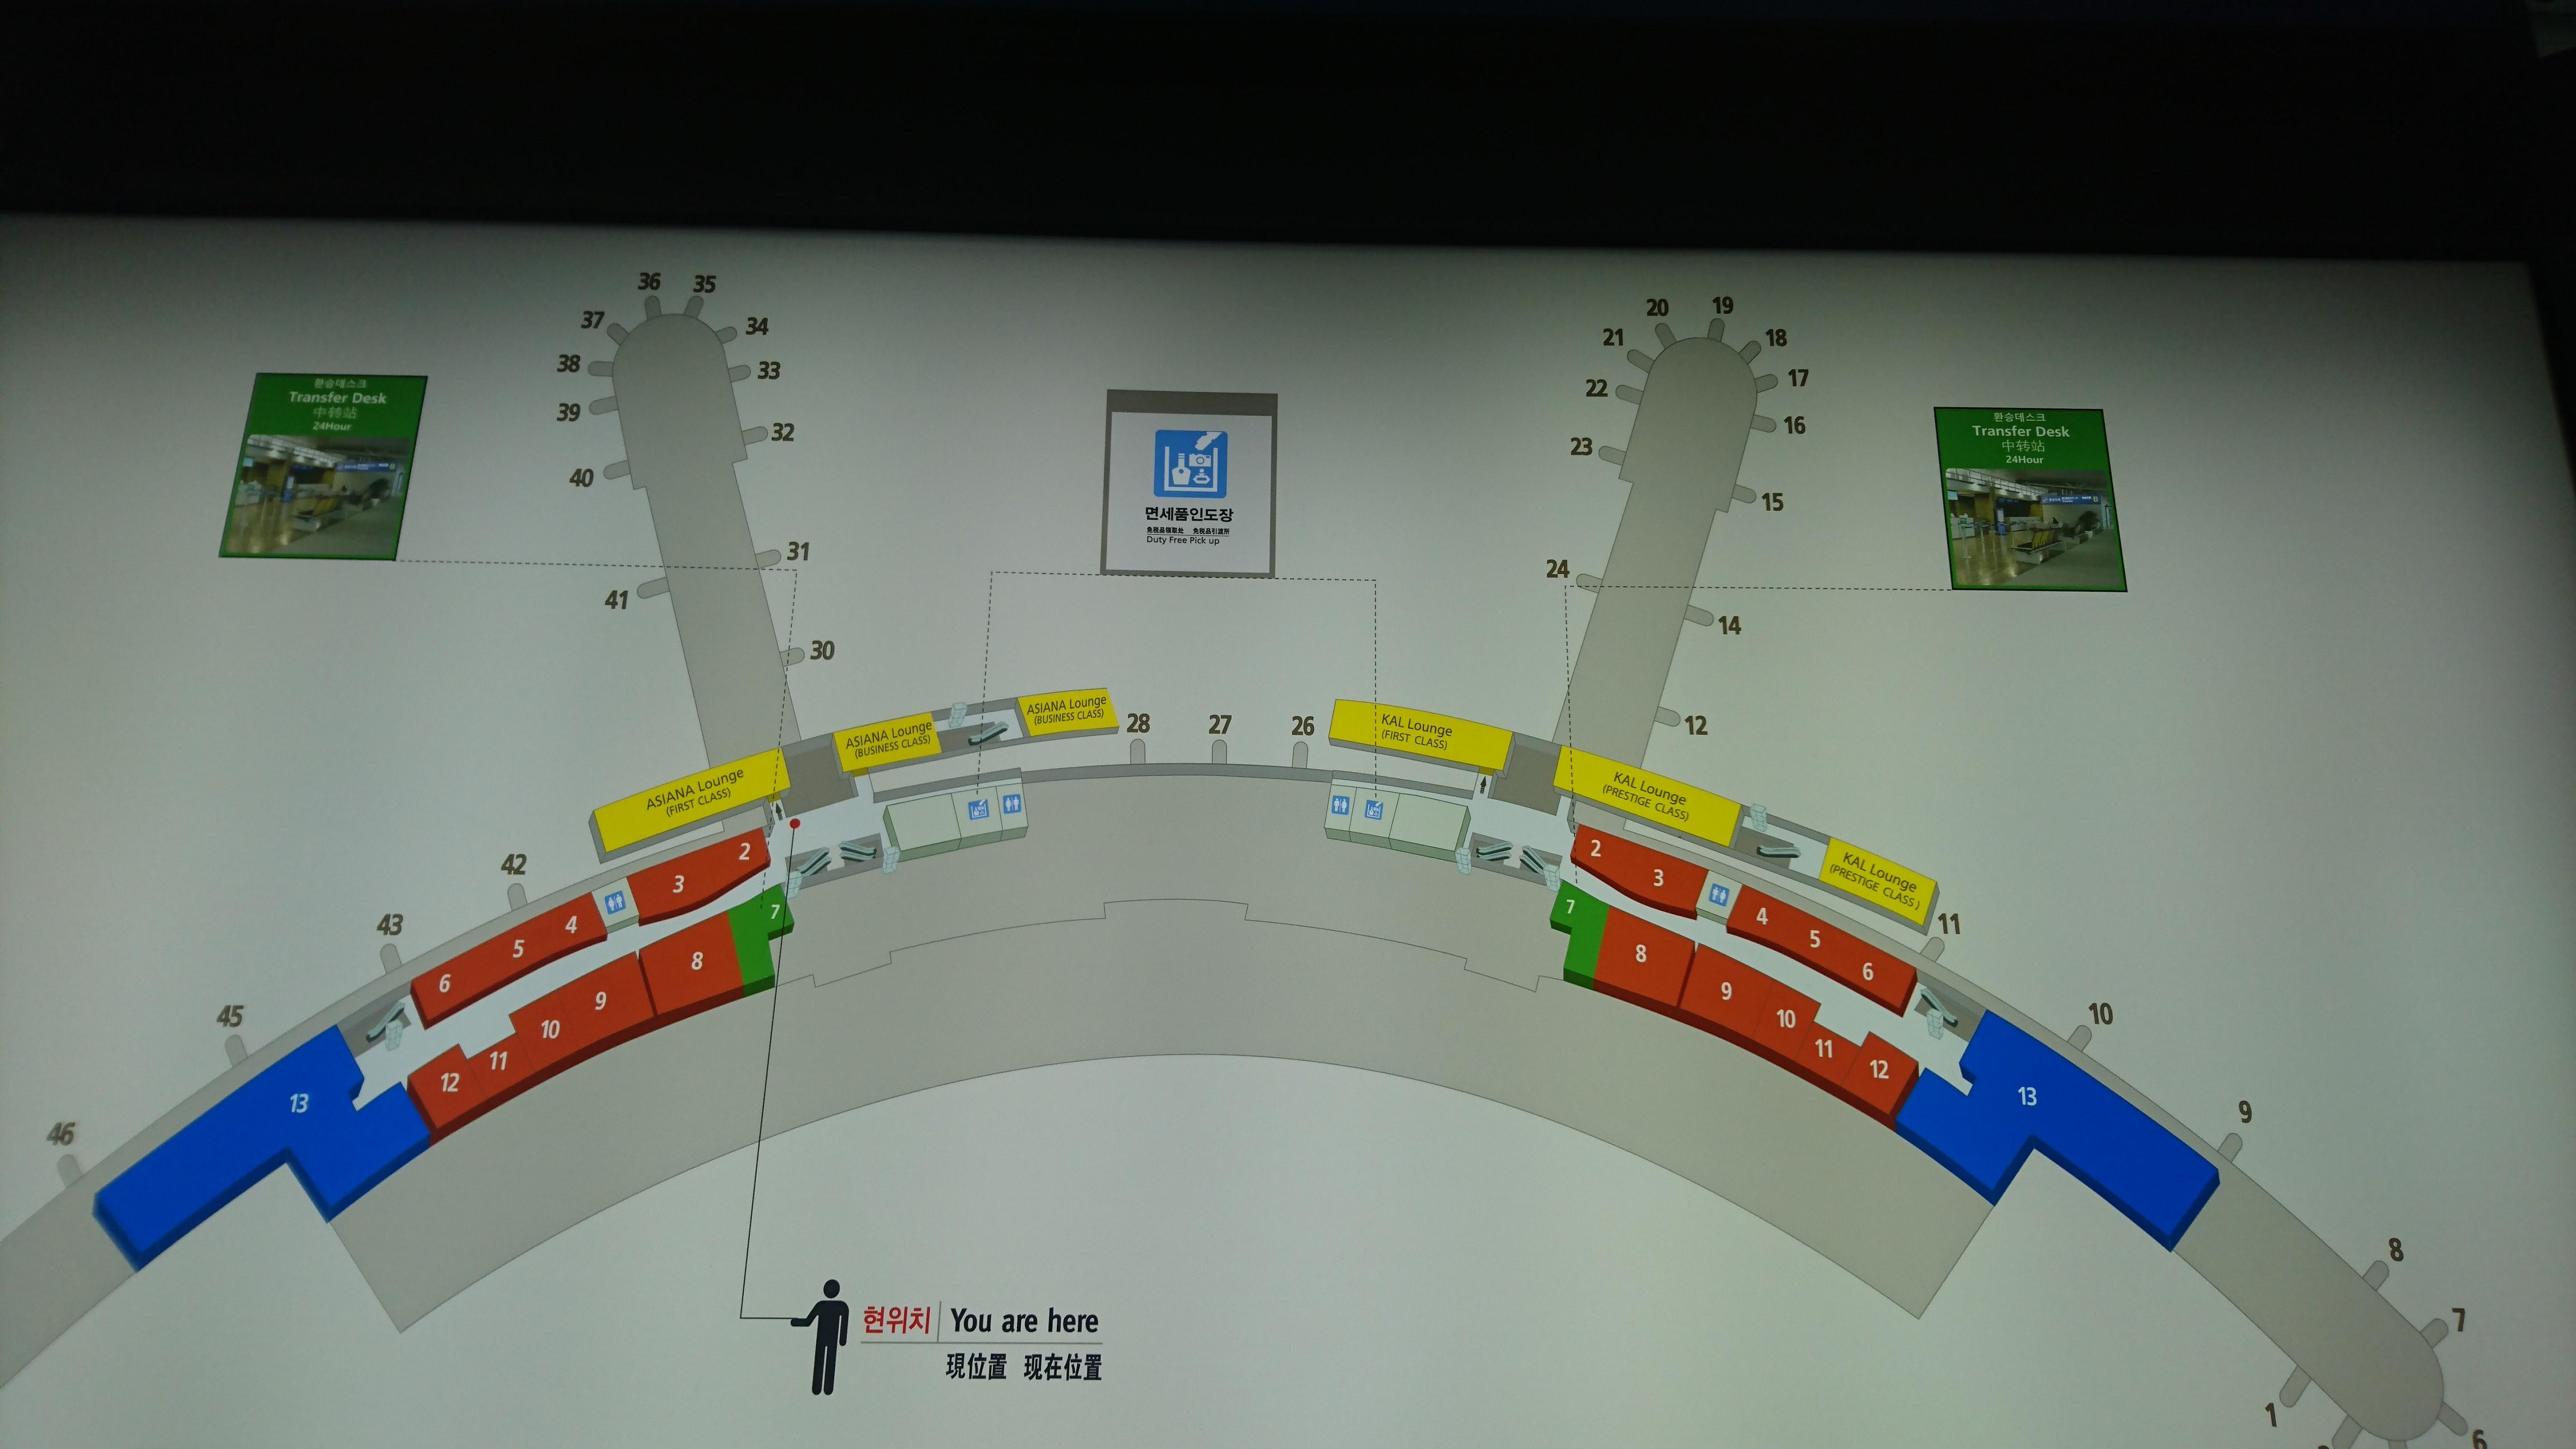 仁川国際空港の旅客ターミナル3階には、西側(写真左手)にASIANA航空のラウンジ、東側(写真右手)に大韓航空ラウンジがあります。※写真上の黄色の部分。